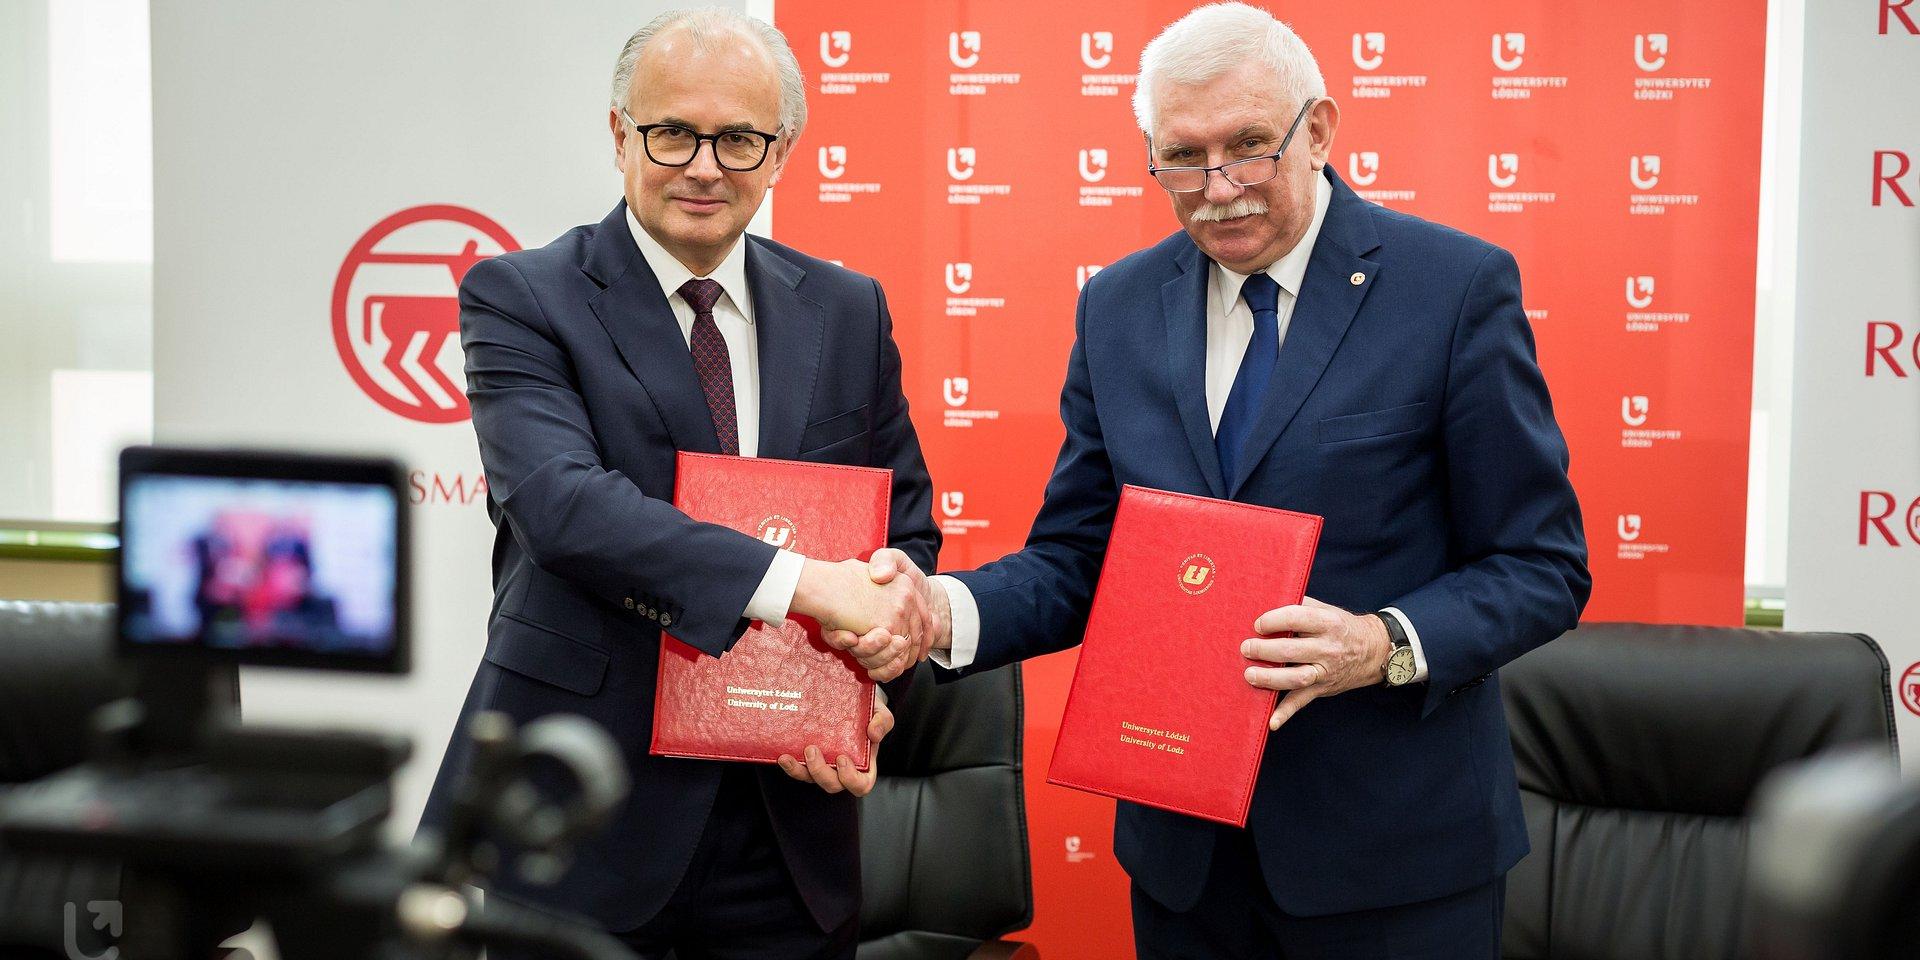 Uniwersytet Łódzki zacieśnia współpracę z firmą Rossmann